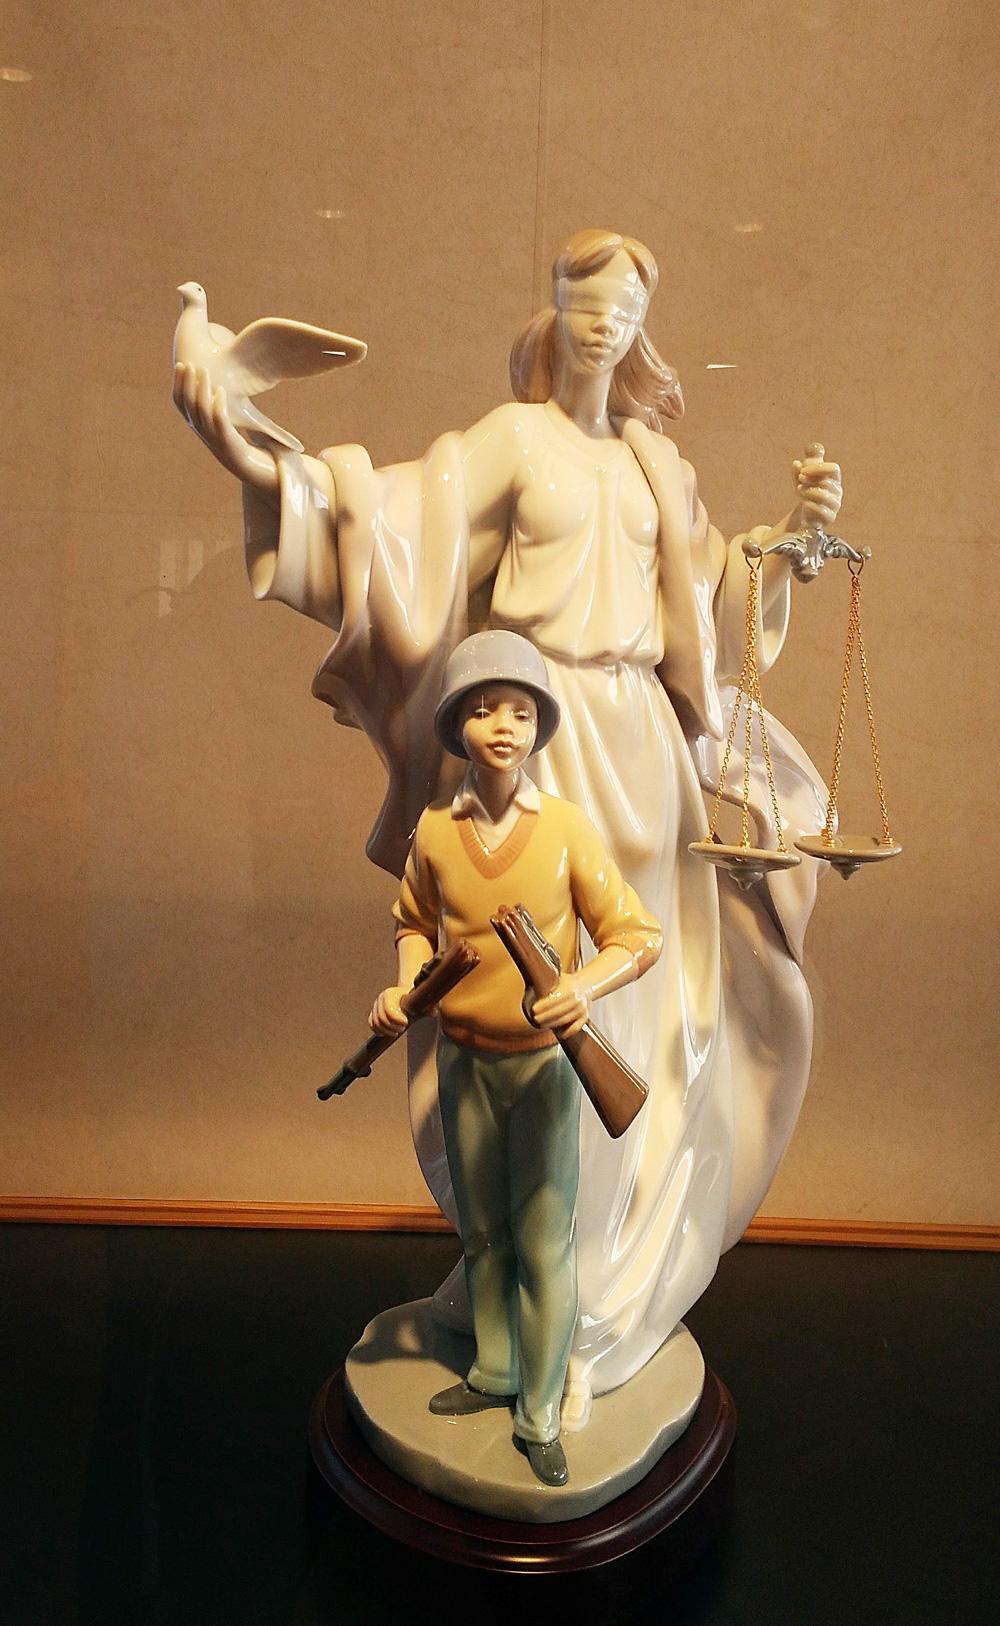 鳩を持つ女性の像